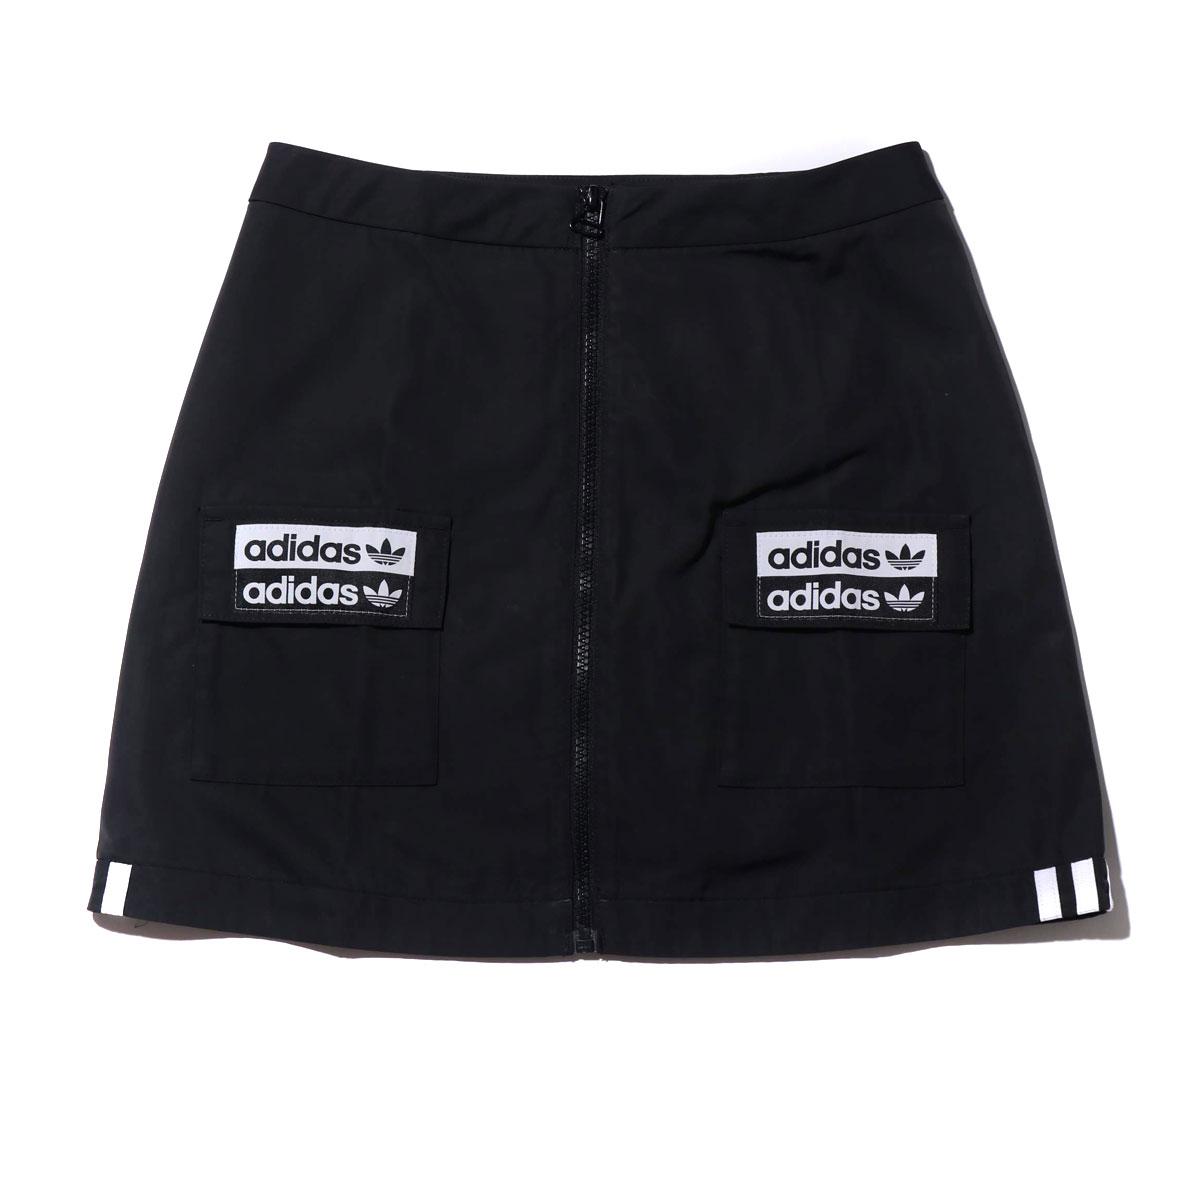 adidas SKIRT(アディダス スカート)BLACK【レディース スカート】19FW-I